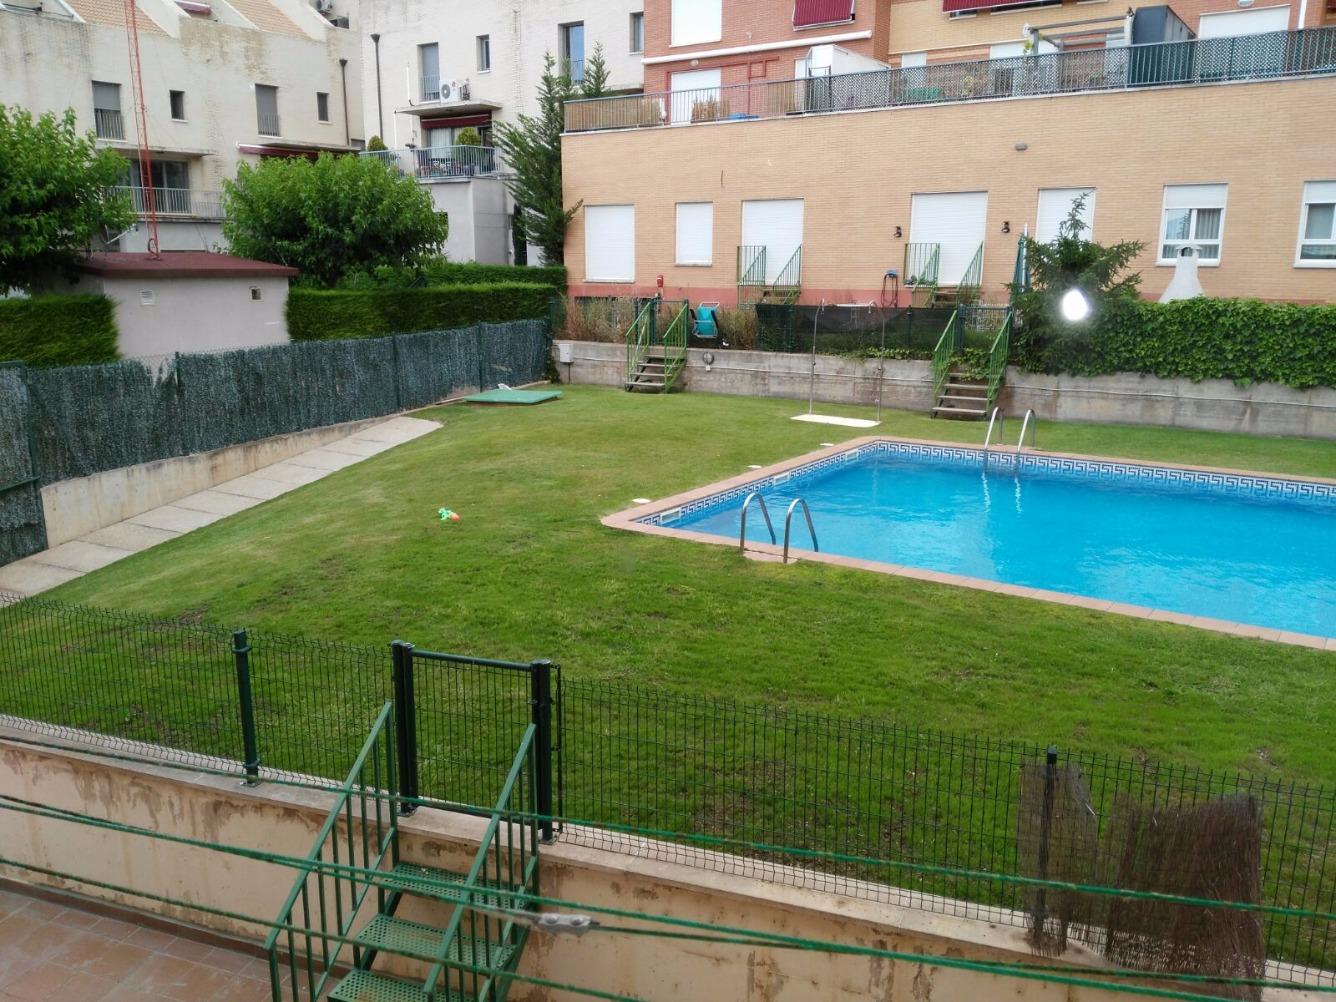 Apartamento en alquiler en Villamediana de Iregua, Zona de hellip;